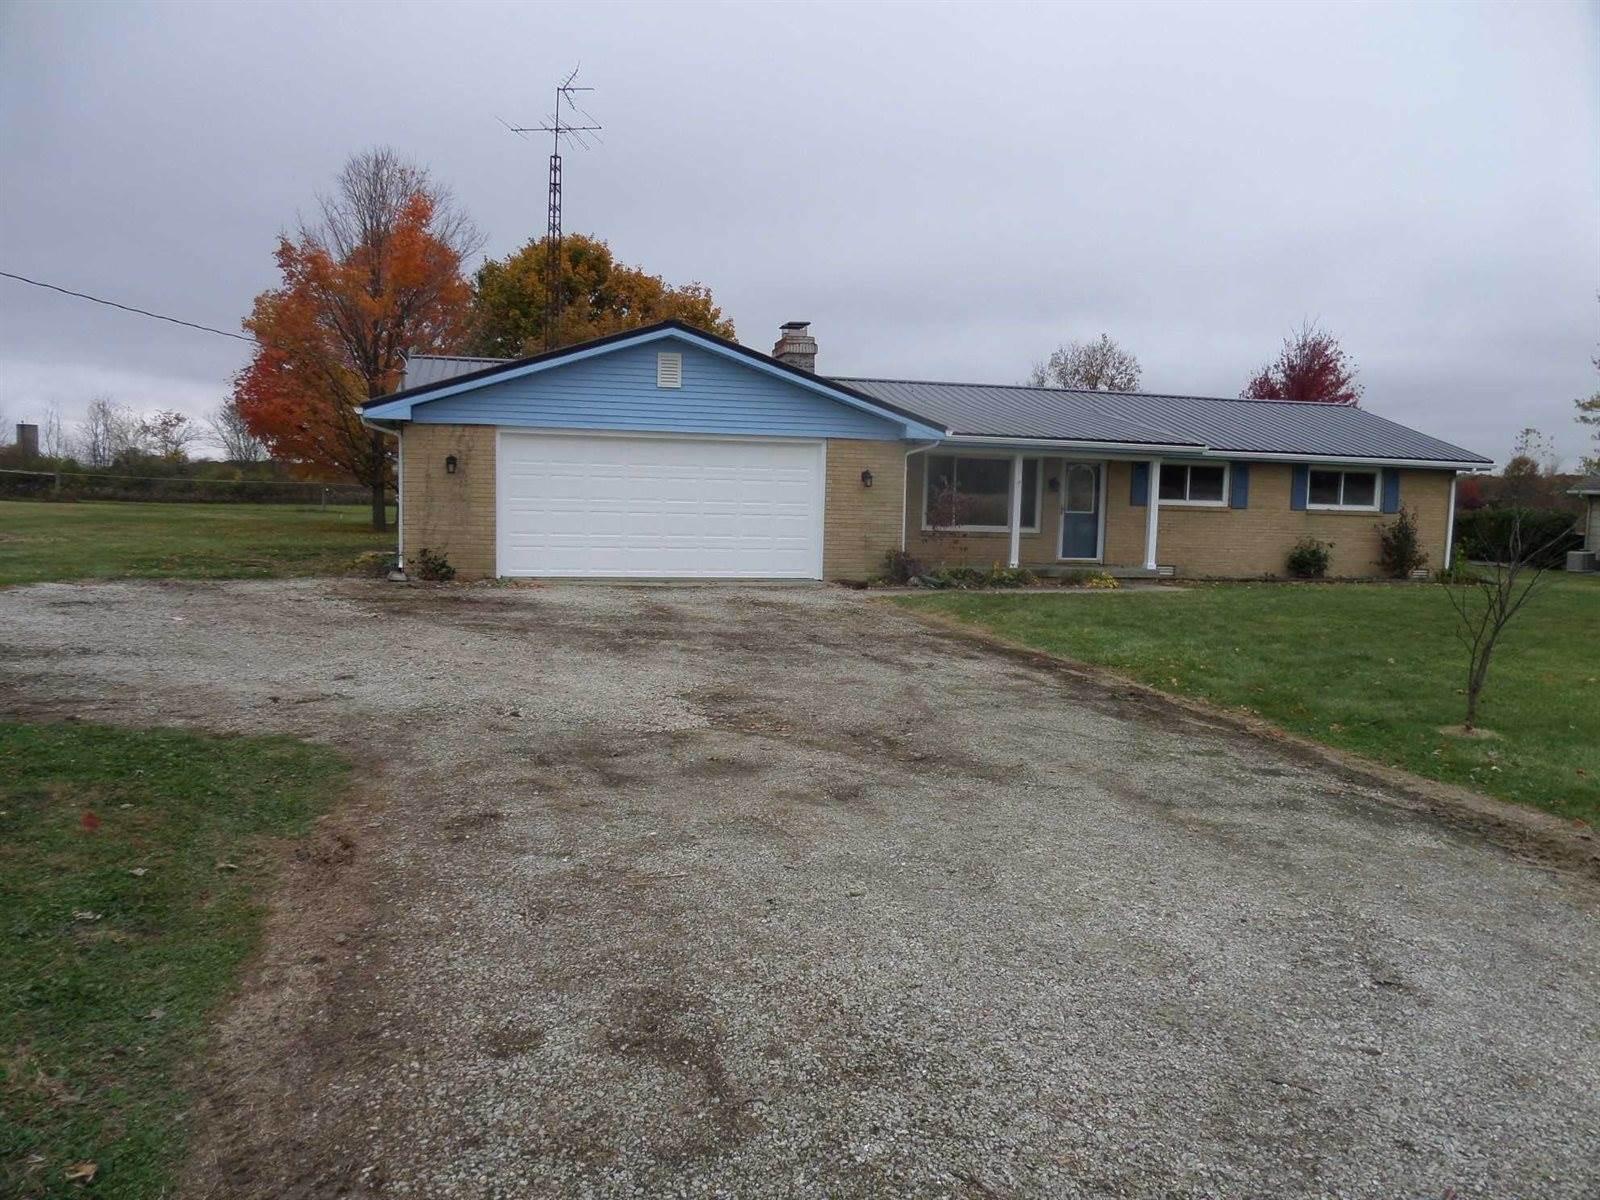 2127 N 900 East, Marion, IN 46952